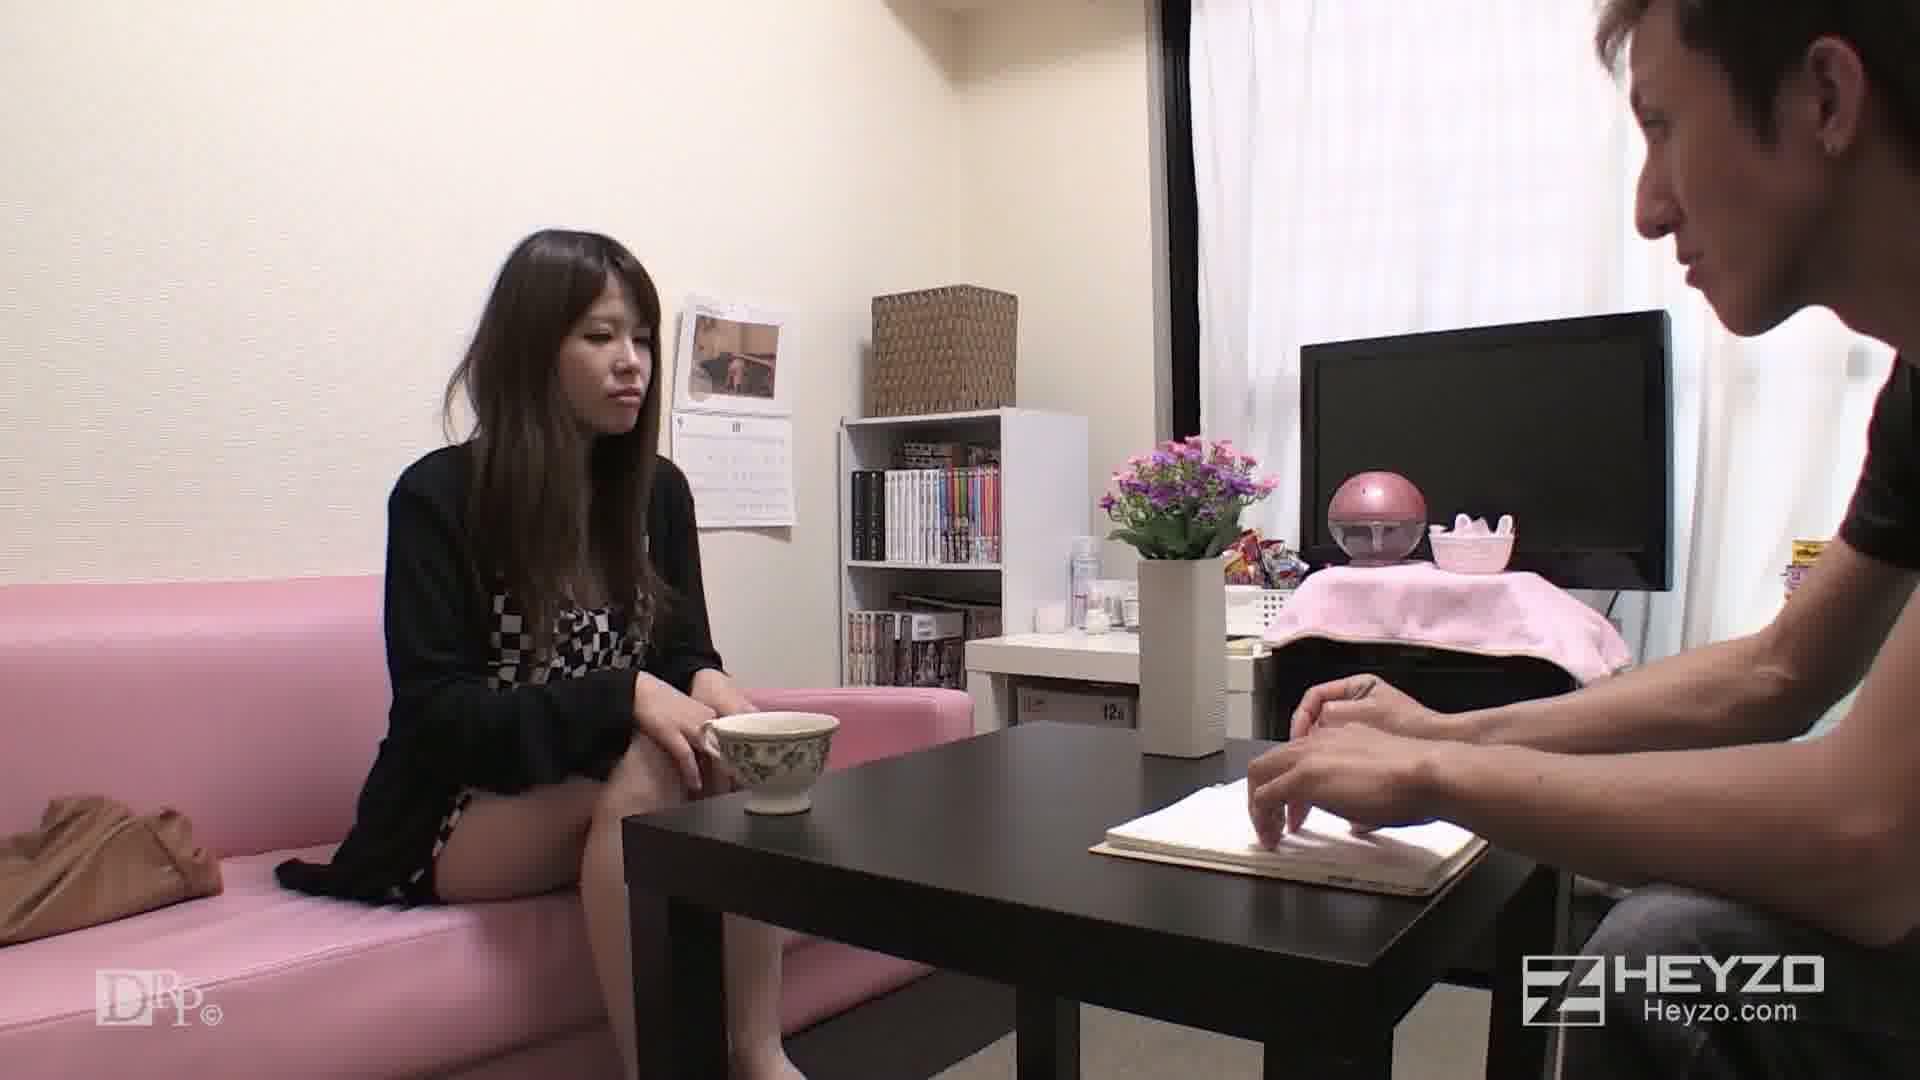 欲求不満で性処理目的でAV面接にやってきたJD - 上原栞咲【面接 キス フェラ 顔面騎乗】